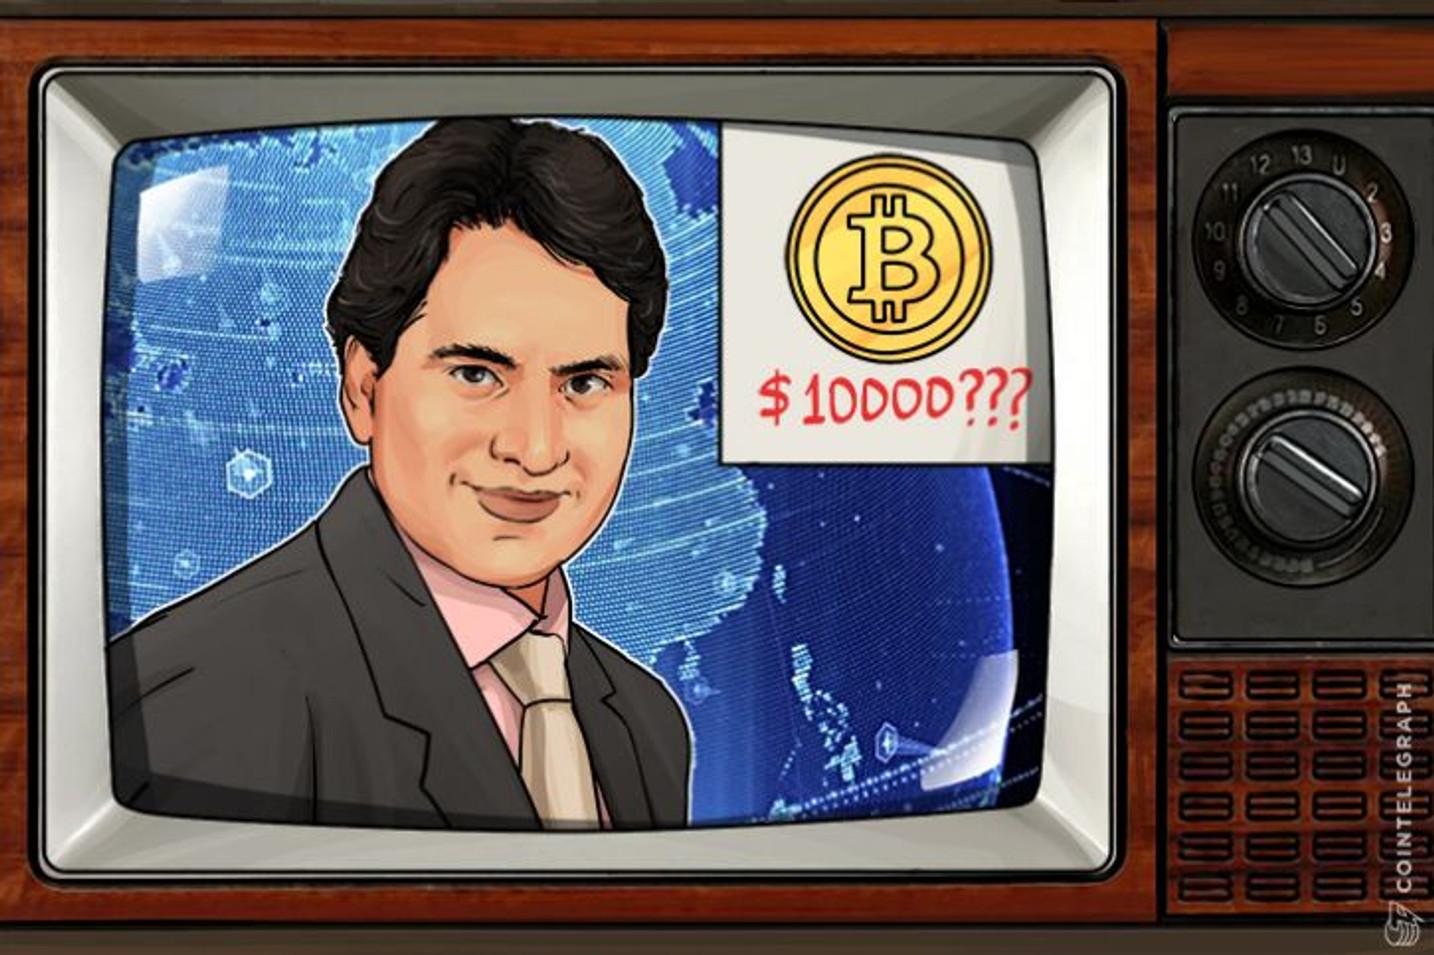 Najveća indijska TV mreža: Bitkoin će vredeti 10.000 dolara